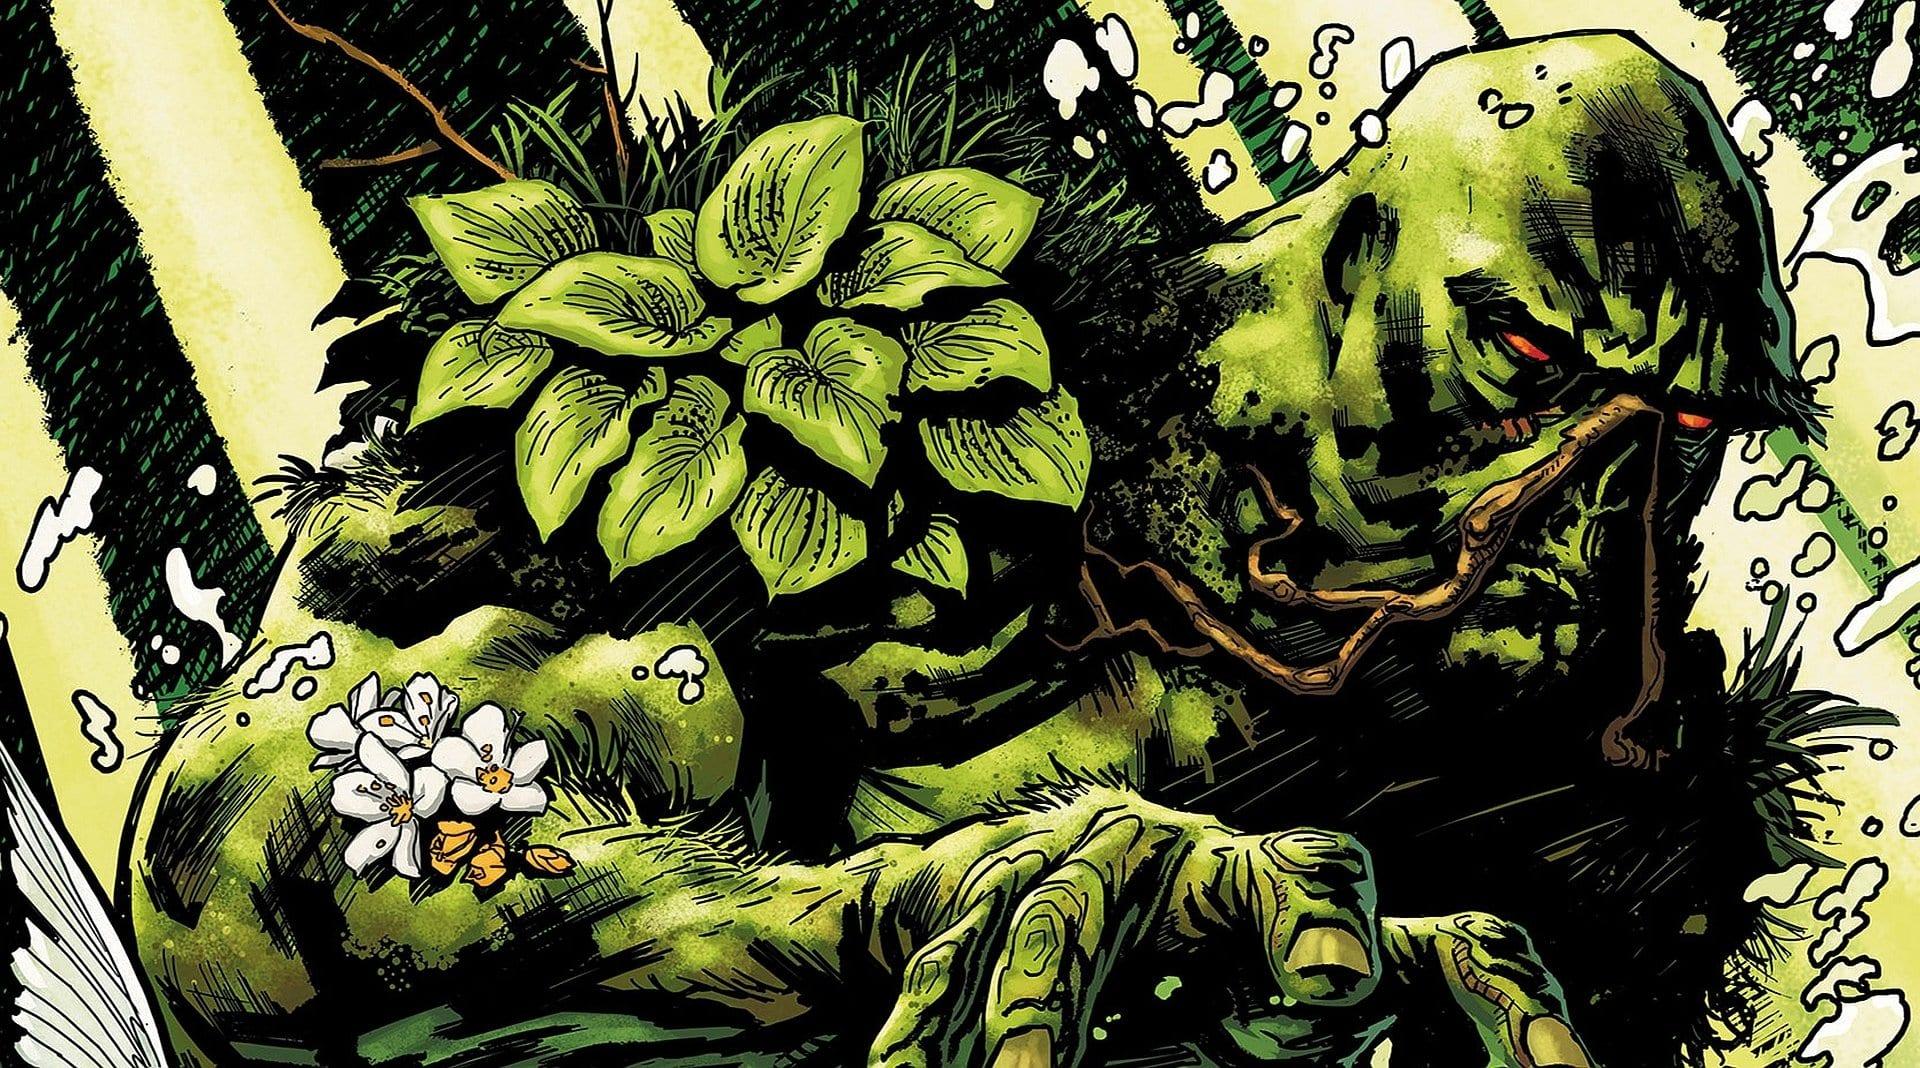 Giornata della Terra: Dieci fumetti a tema ecologista